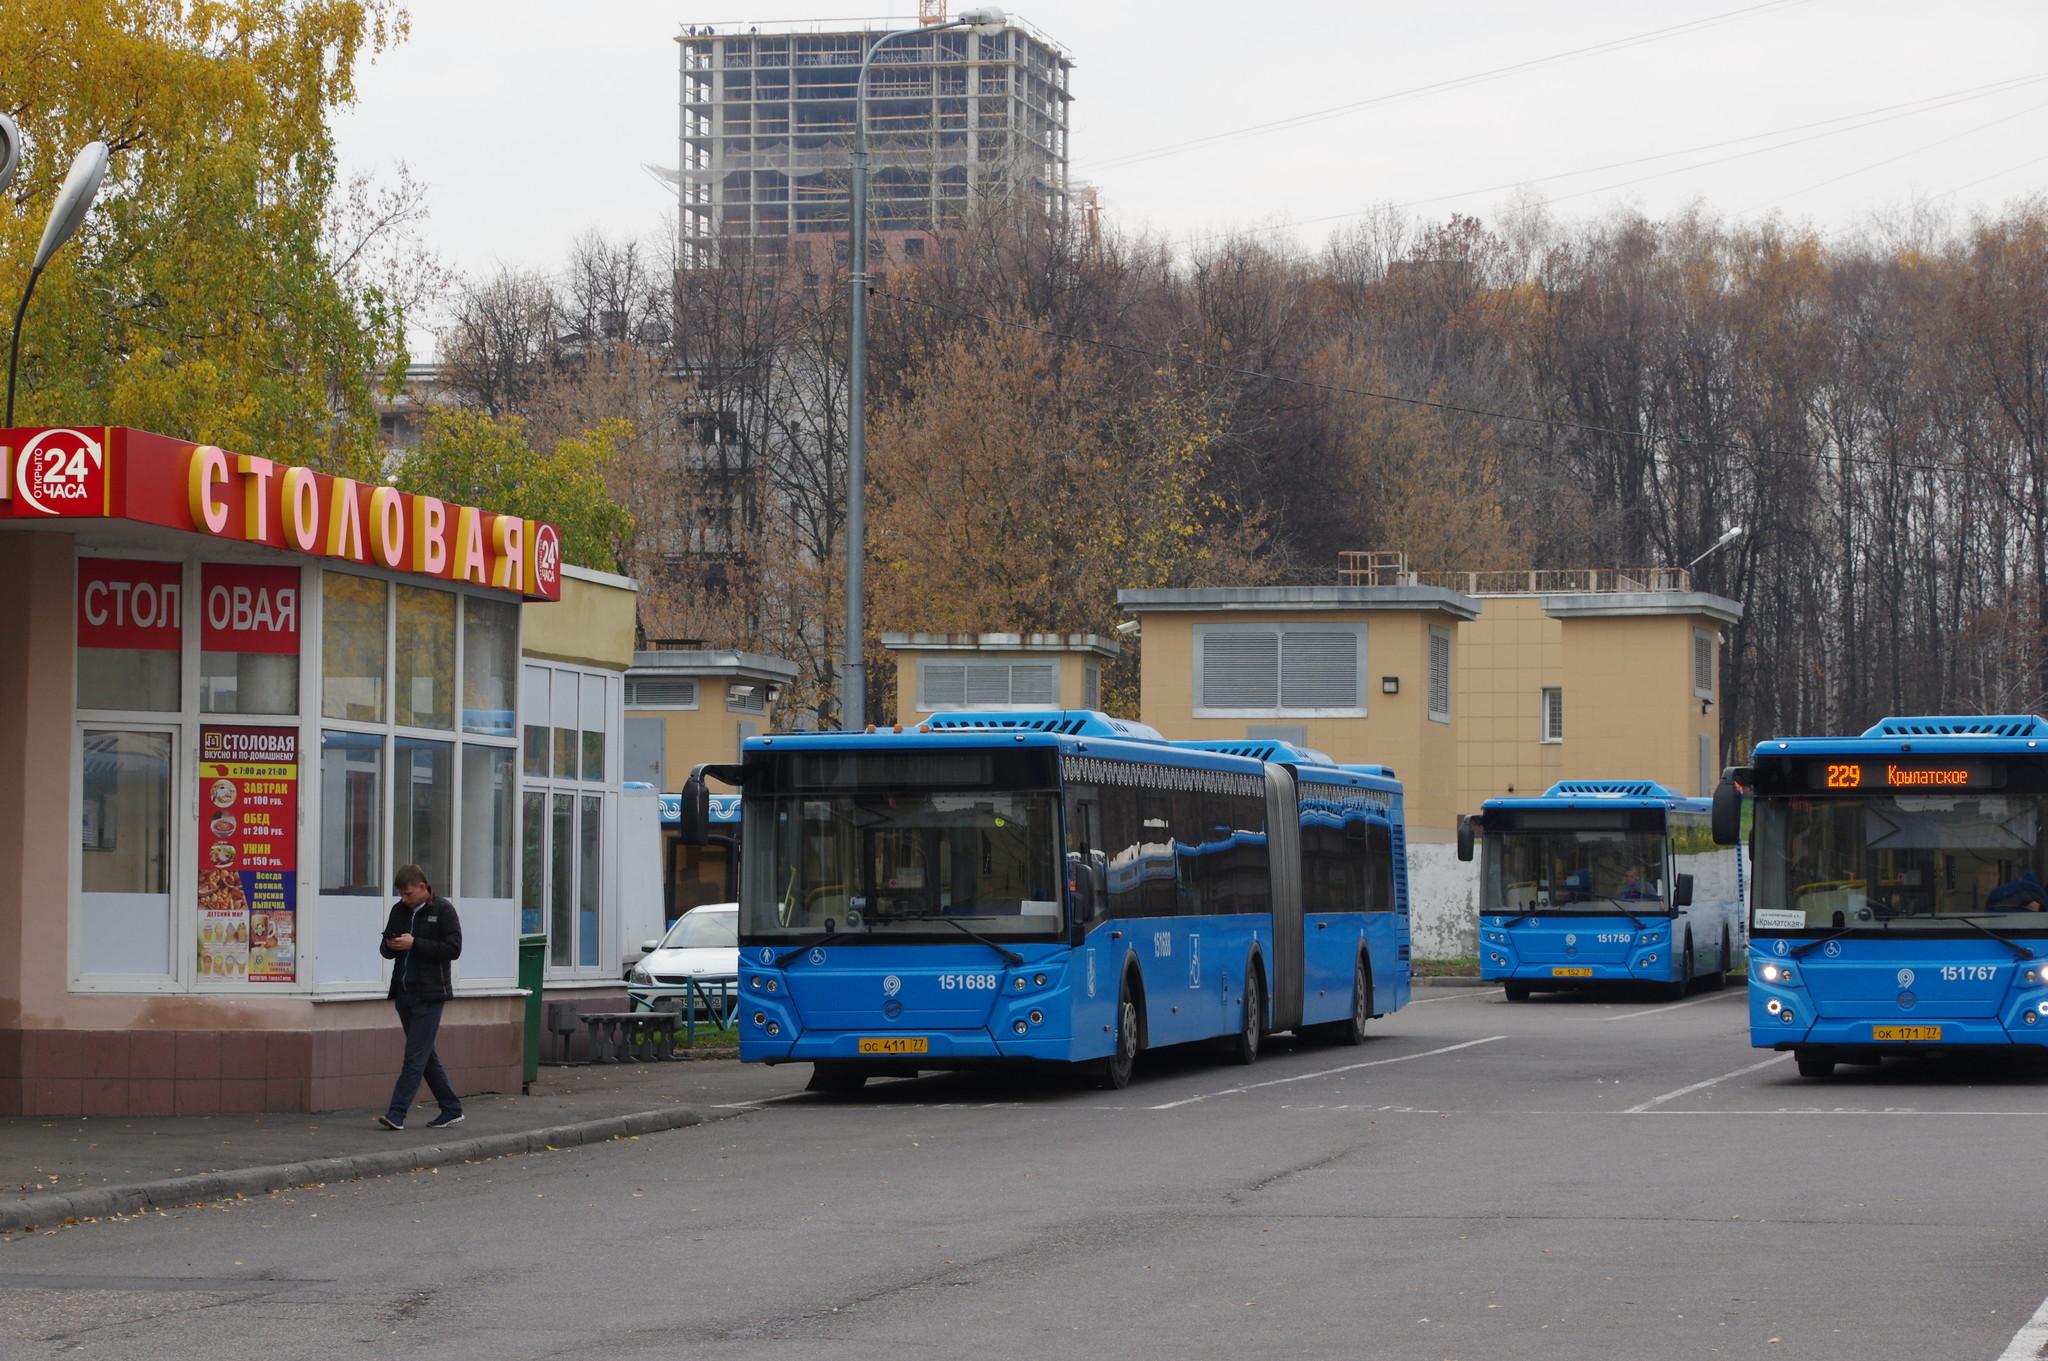 Автобус ЛиАЗ-6213.65 № 151688 (госномер: ос 411 77 rus), автобусы ЛиАЗ-5292.65: № 151750 (госномер: ок 152 77 rus) и № 151767 на маршруте № 229 (госномер: ок 171 77 rus). Остановка «Метро Молодёжная»